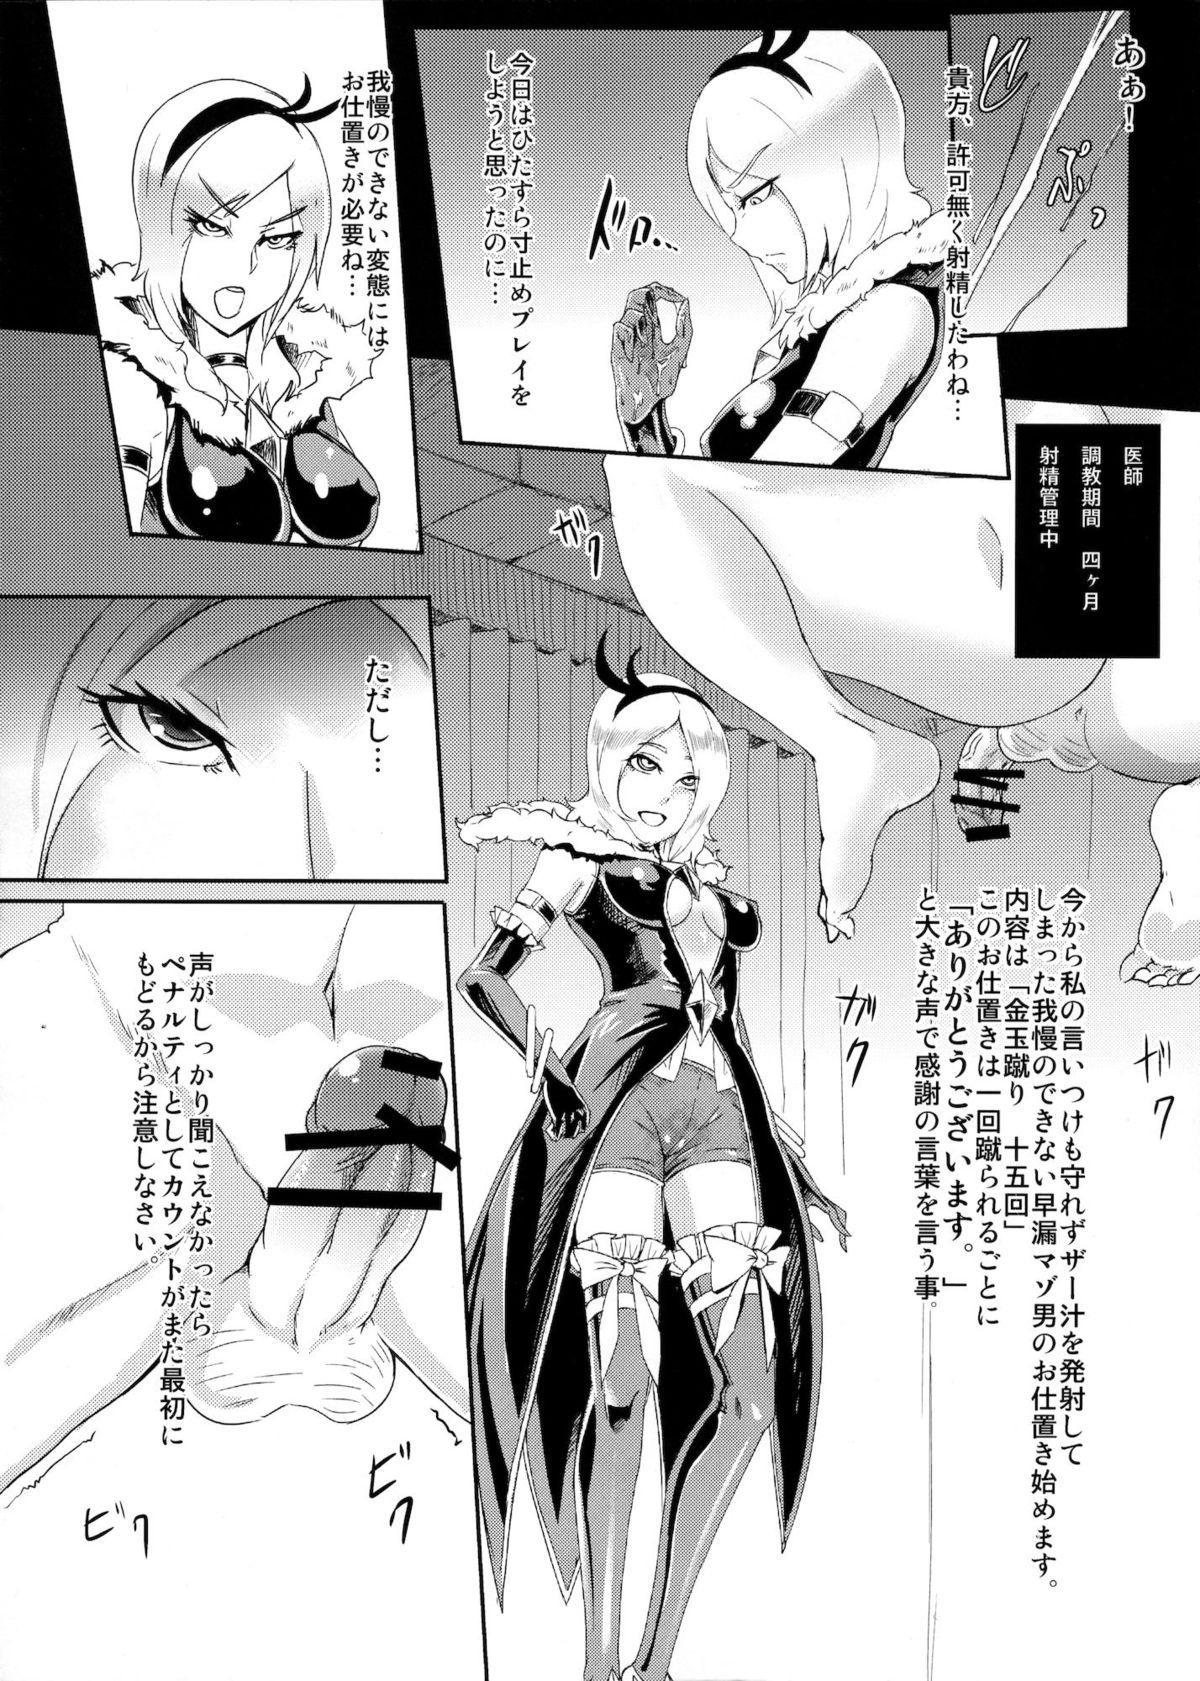 Eas-sama no Sakusei Jigoku 14